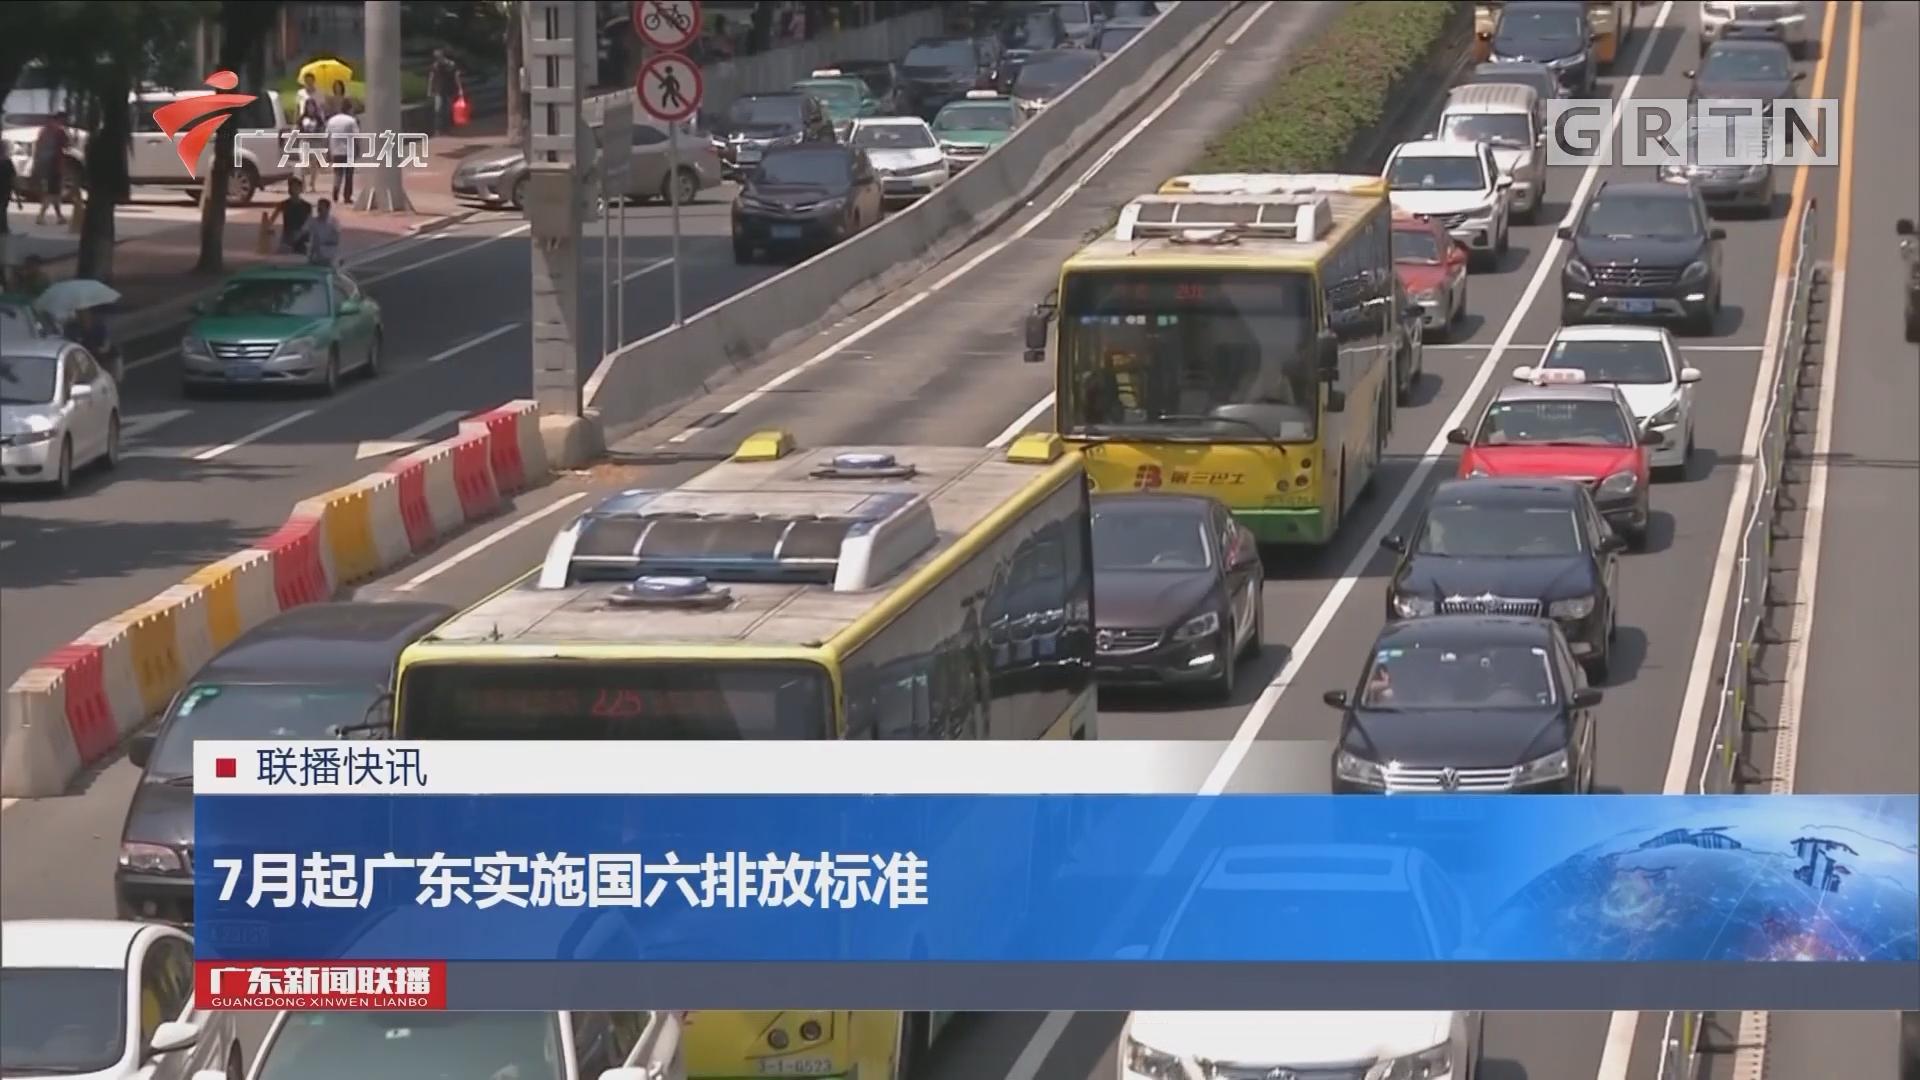 7月起广东实施国六排放标准